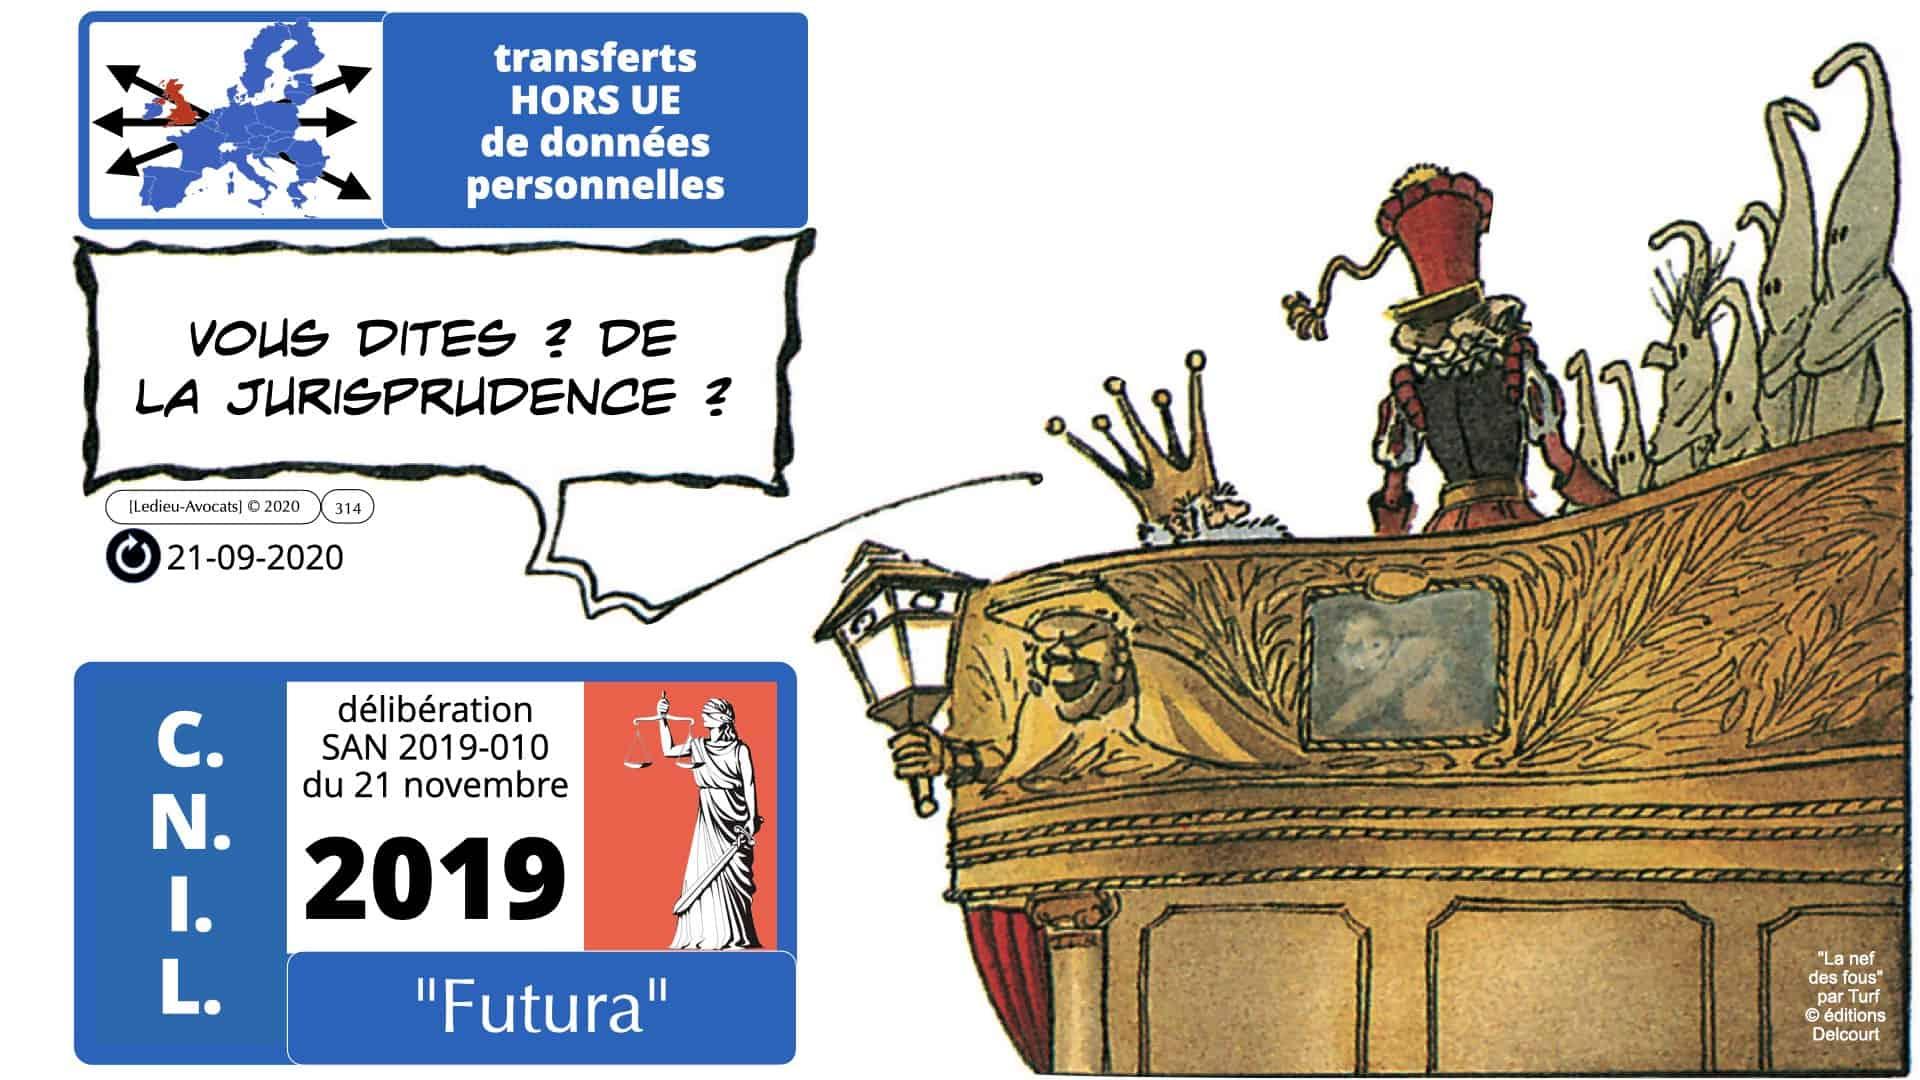 RGPD e-Privacy données personnelles jurisprudence formation Lamy Les Echos 10-02-2021 ©Ledieu-Avocats.314